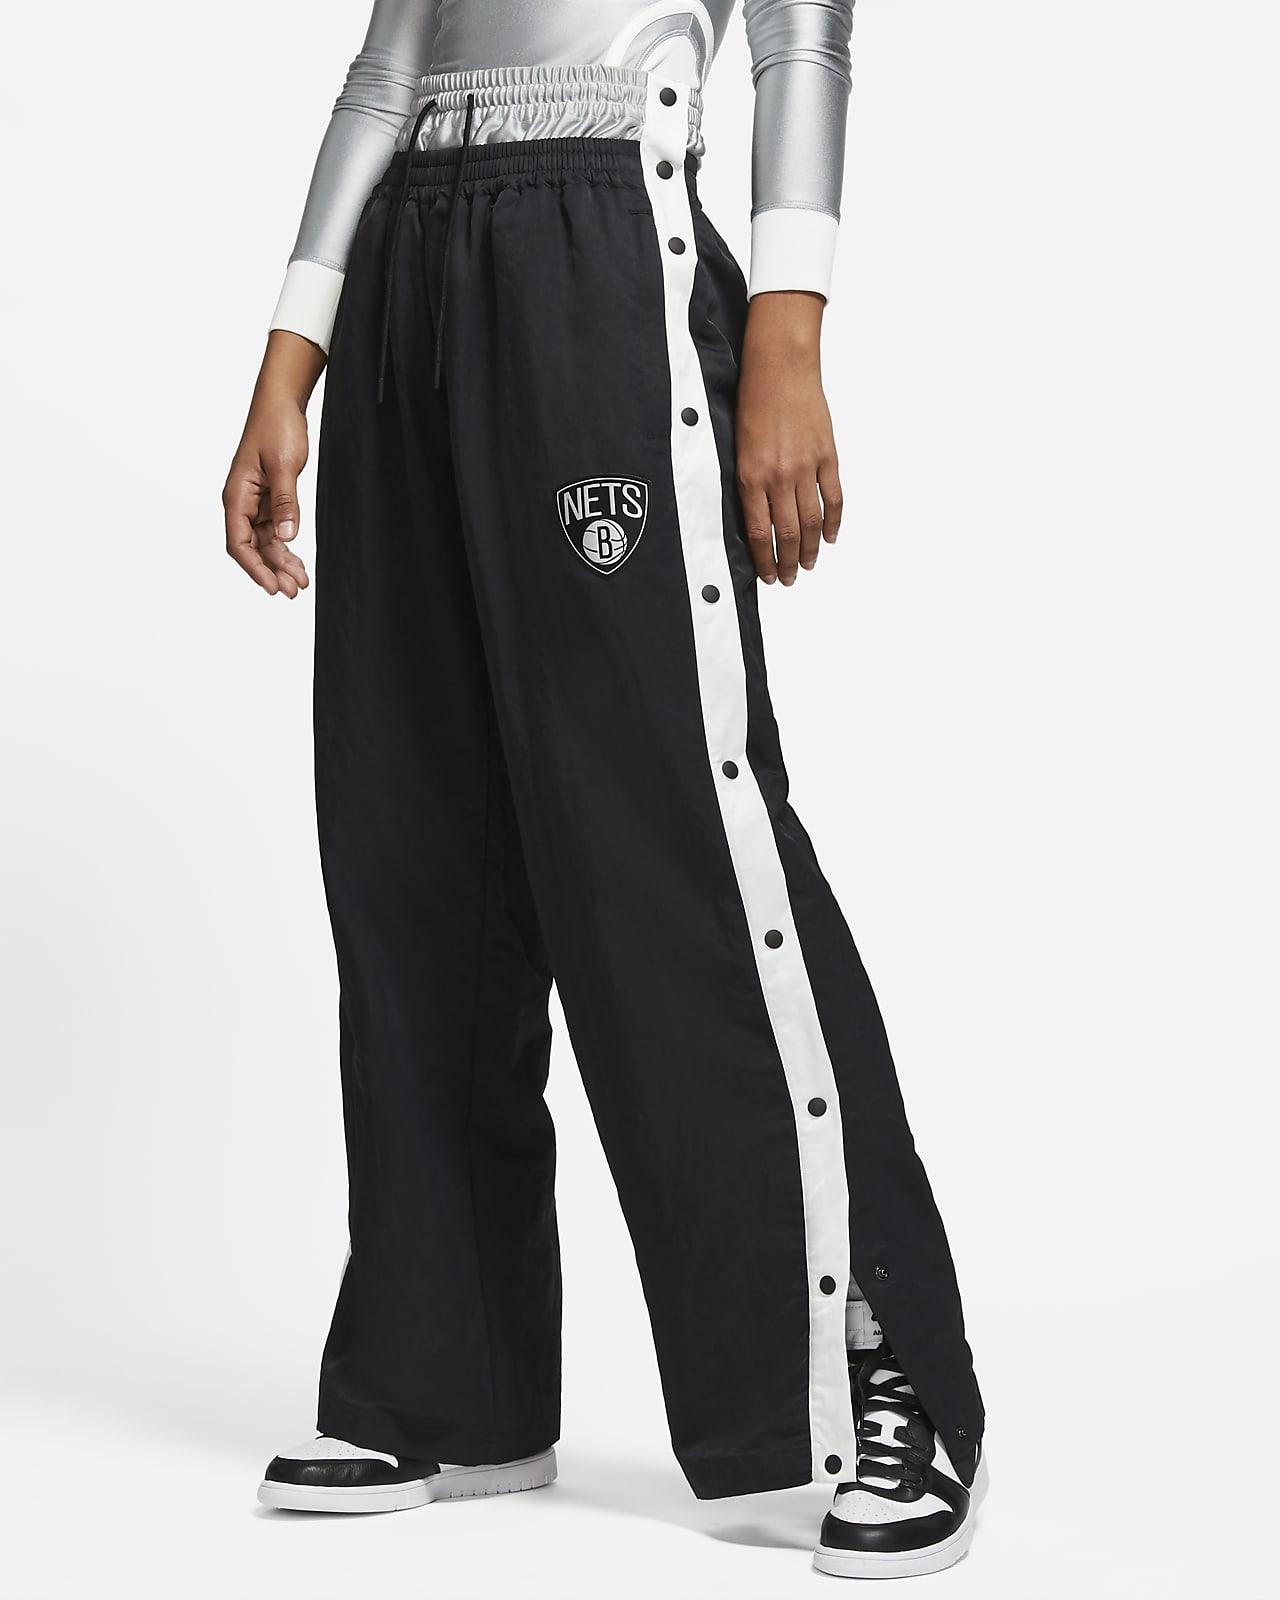 กางเกงขายาว Tearaway ผู้หญิง Nike x AMBUSH